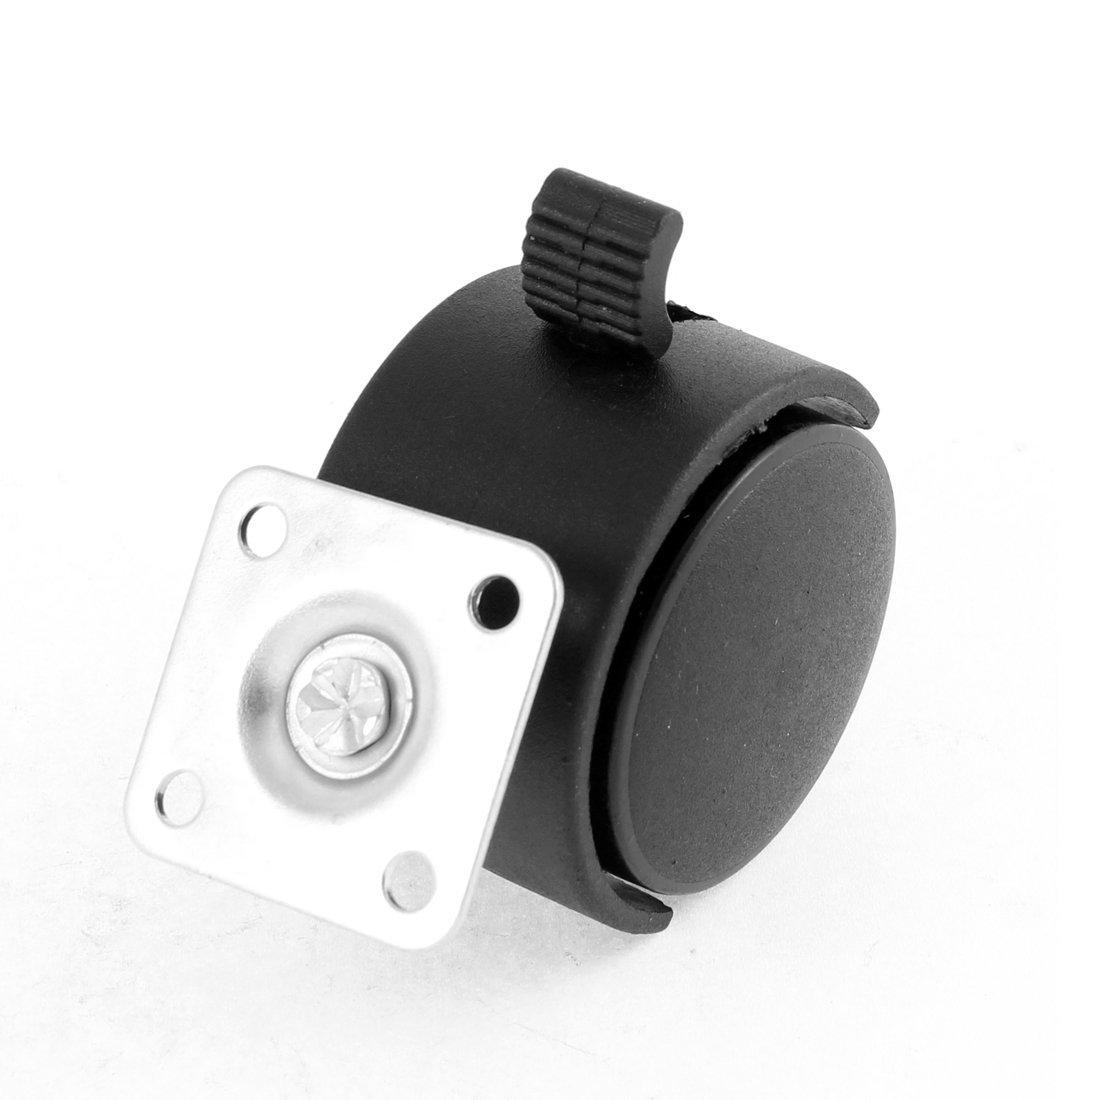 eDealMax Silla de oficina DE 2 pulgadas de diámetro cuadrados rueda de la placa de montaje giratoria DE 8 piezas: Amazon.com: Industrial & Scientific